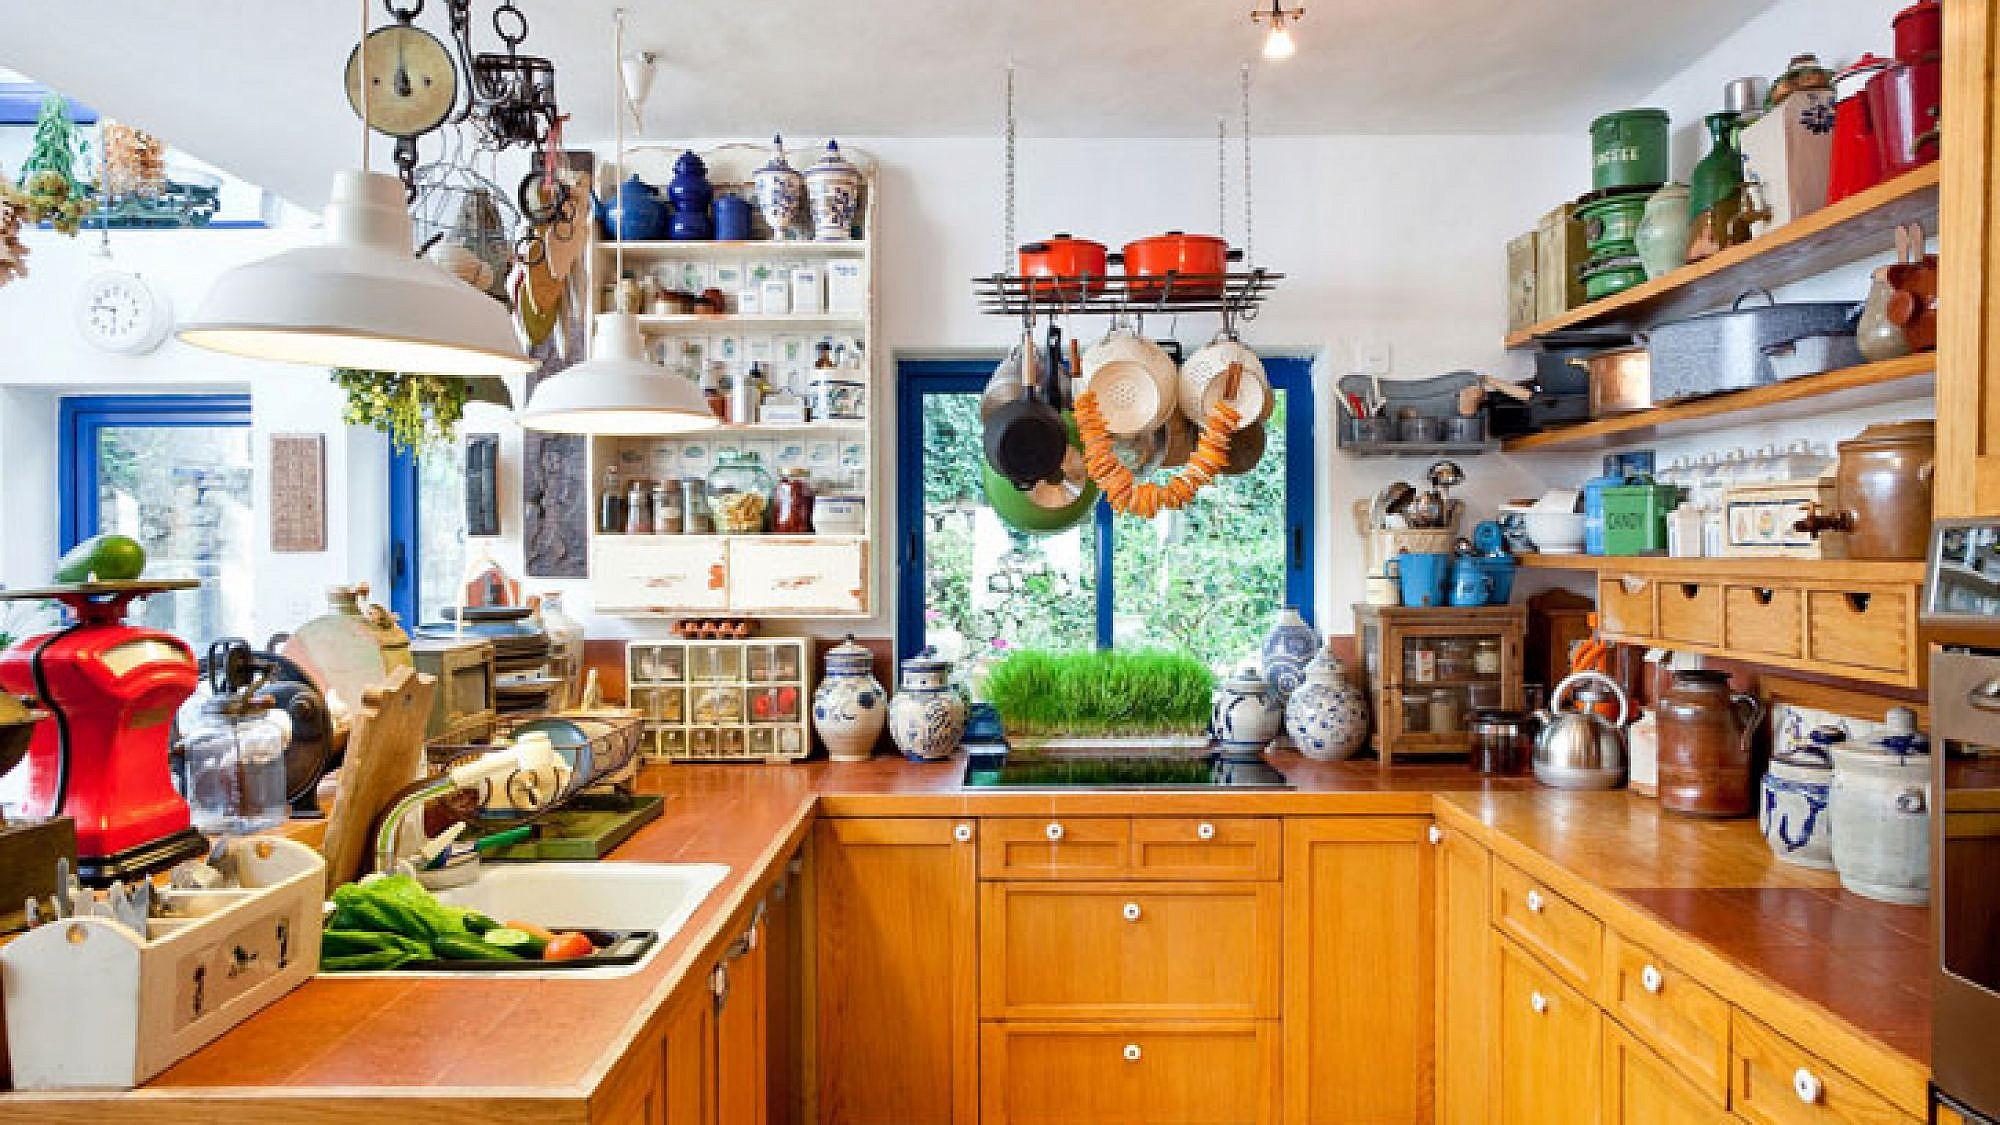 המטבח   צלם: בועז לביא